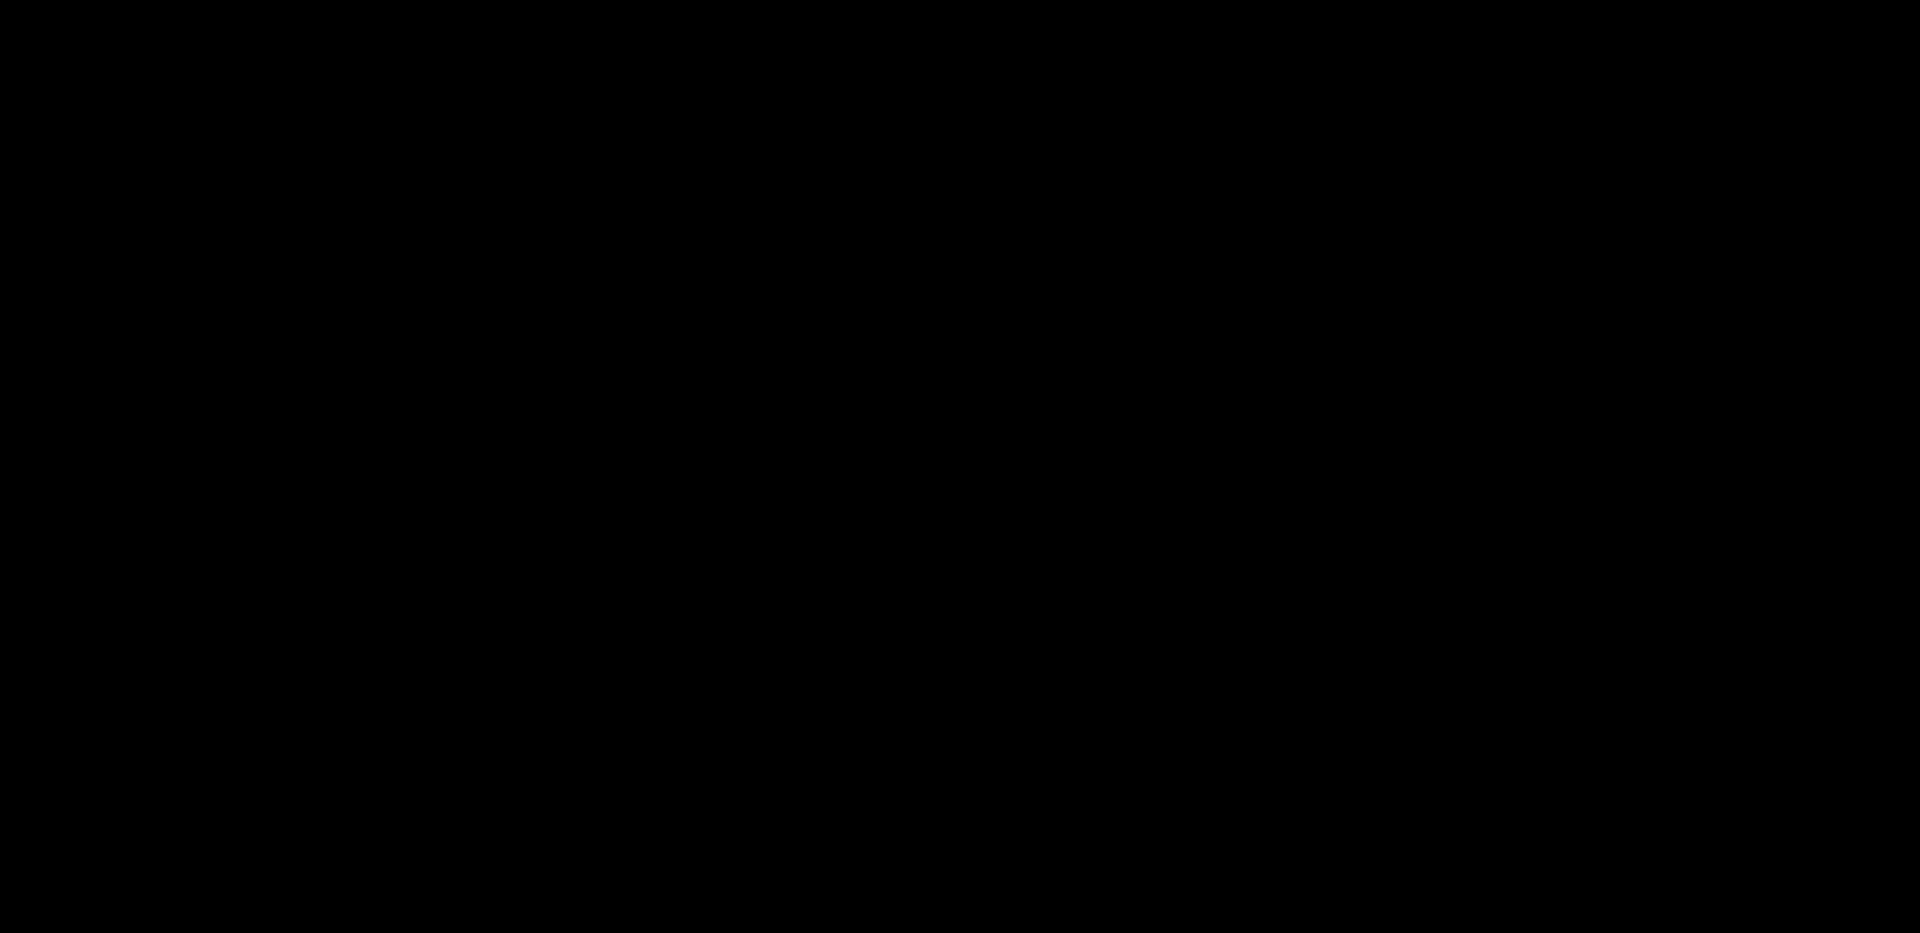 ZERO Trailer.mp4